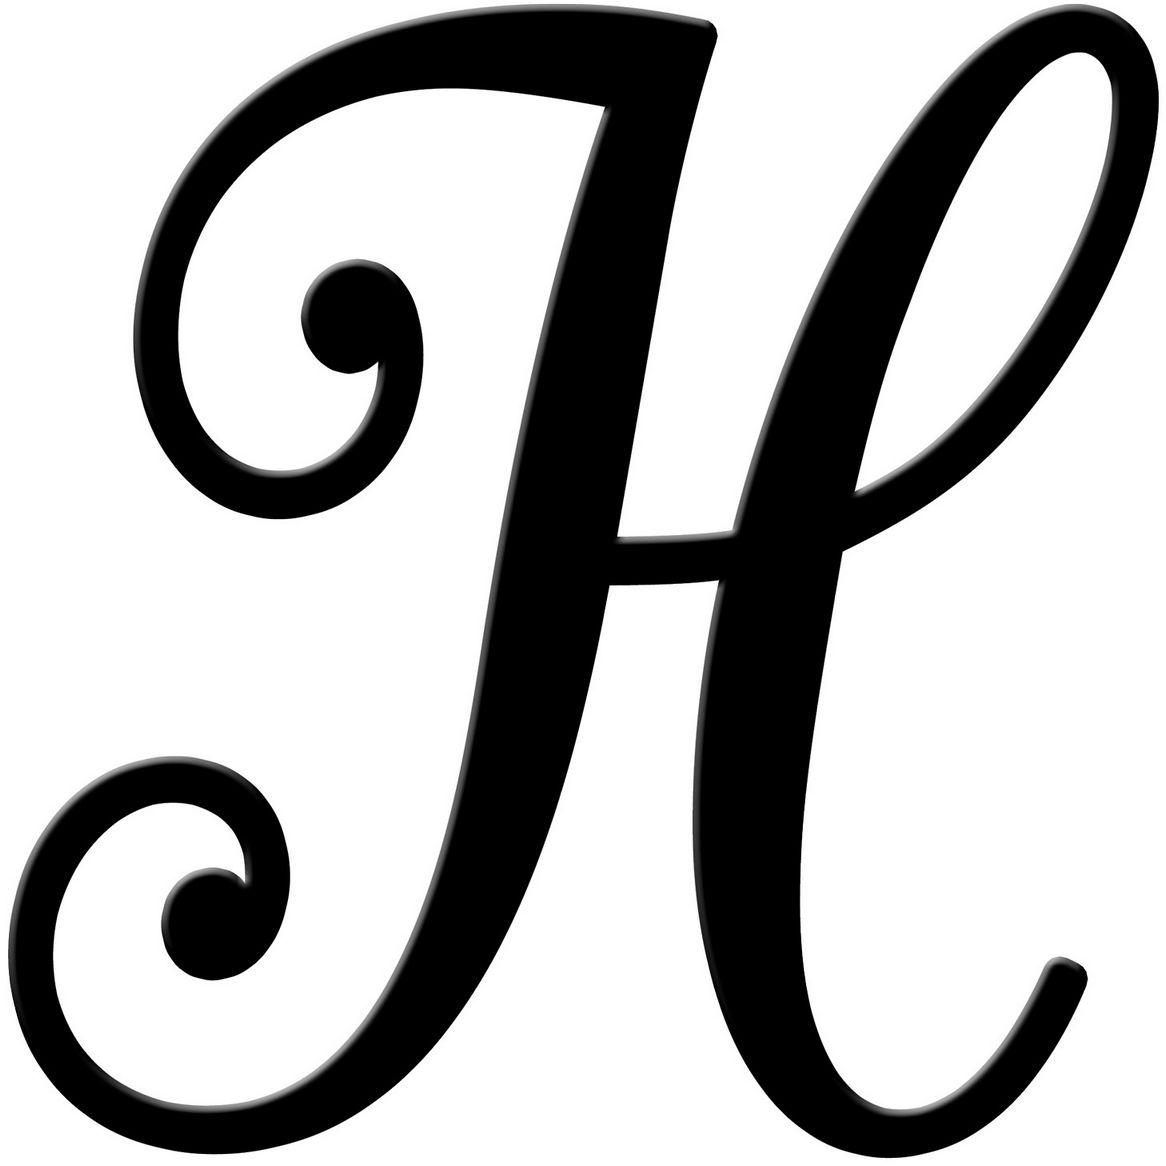 Fancy Cursive Letter H Free Image